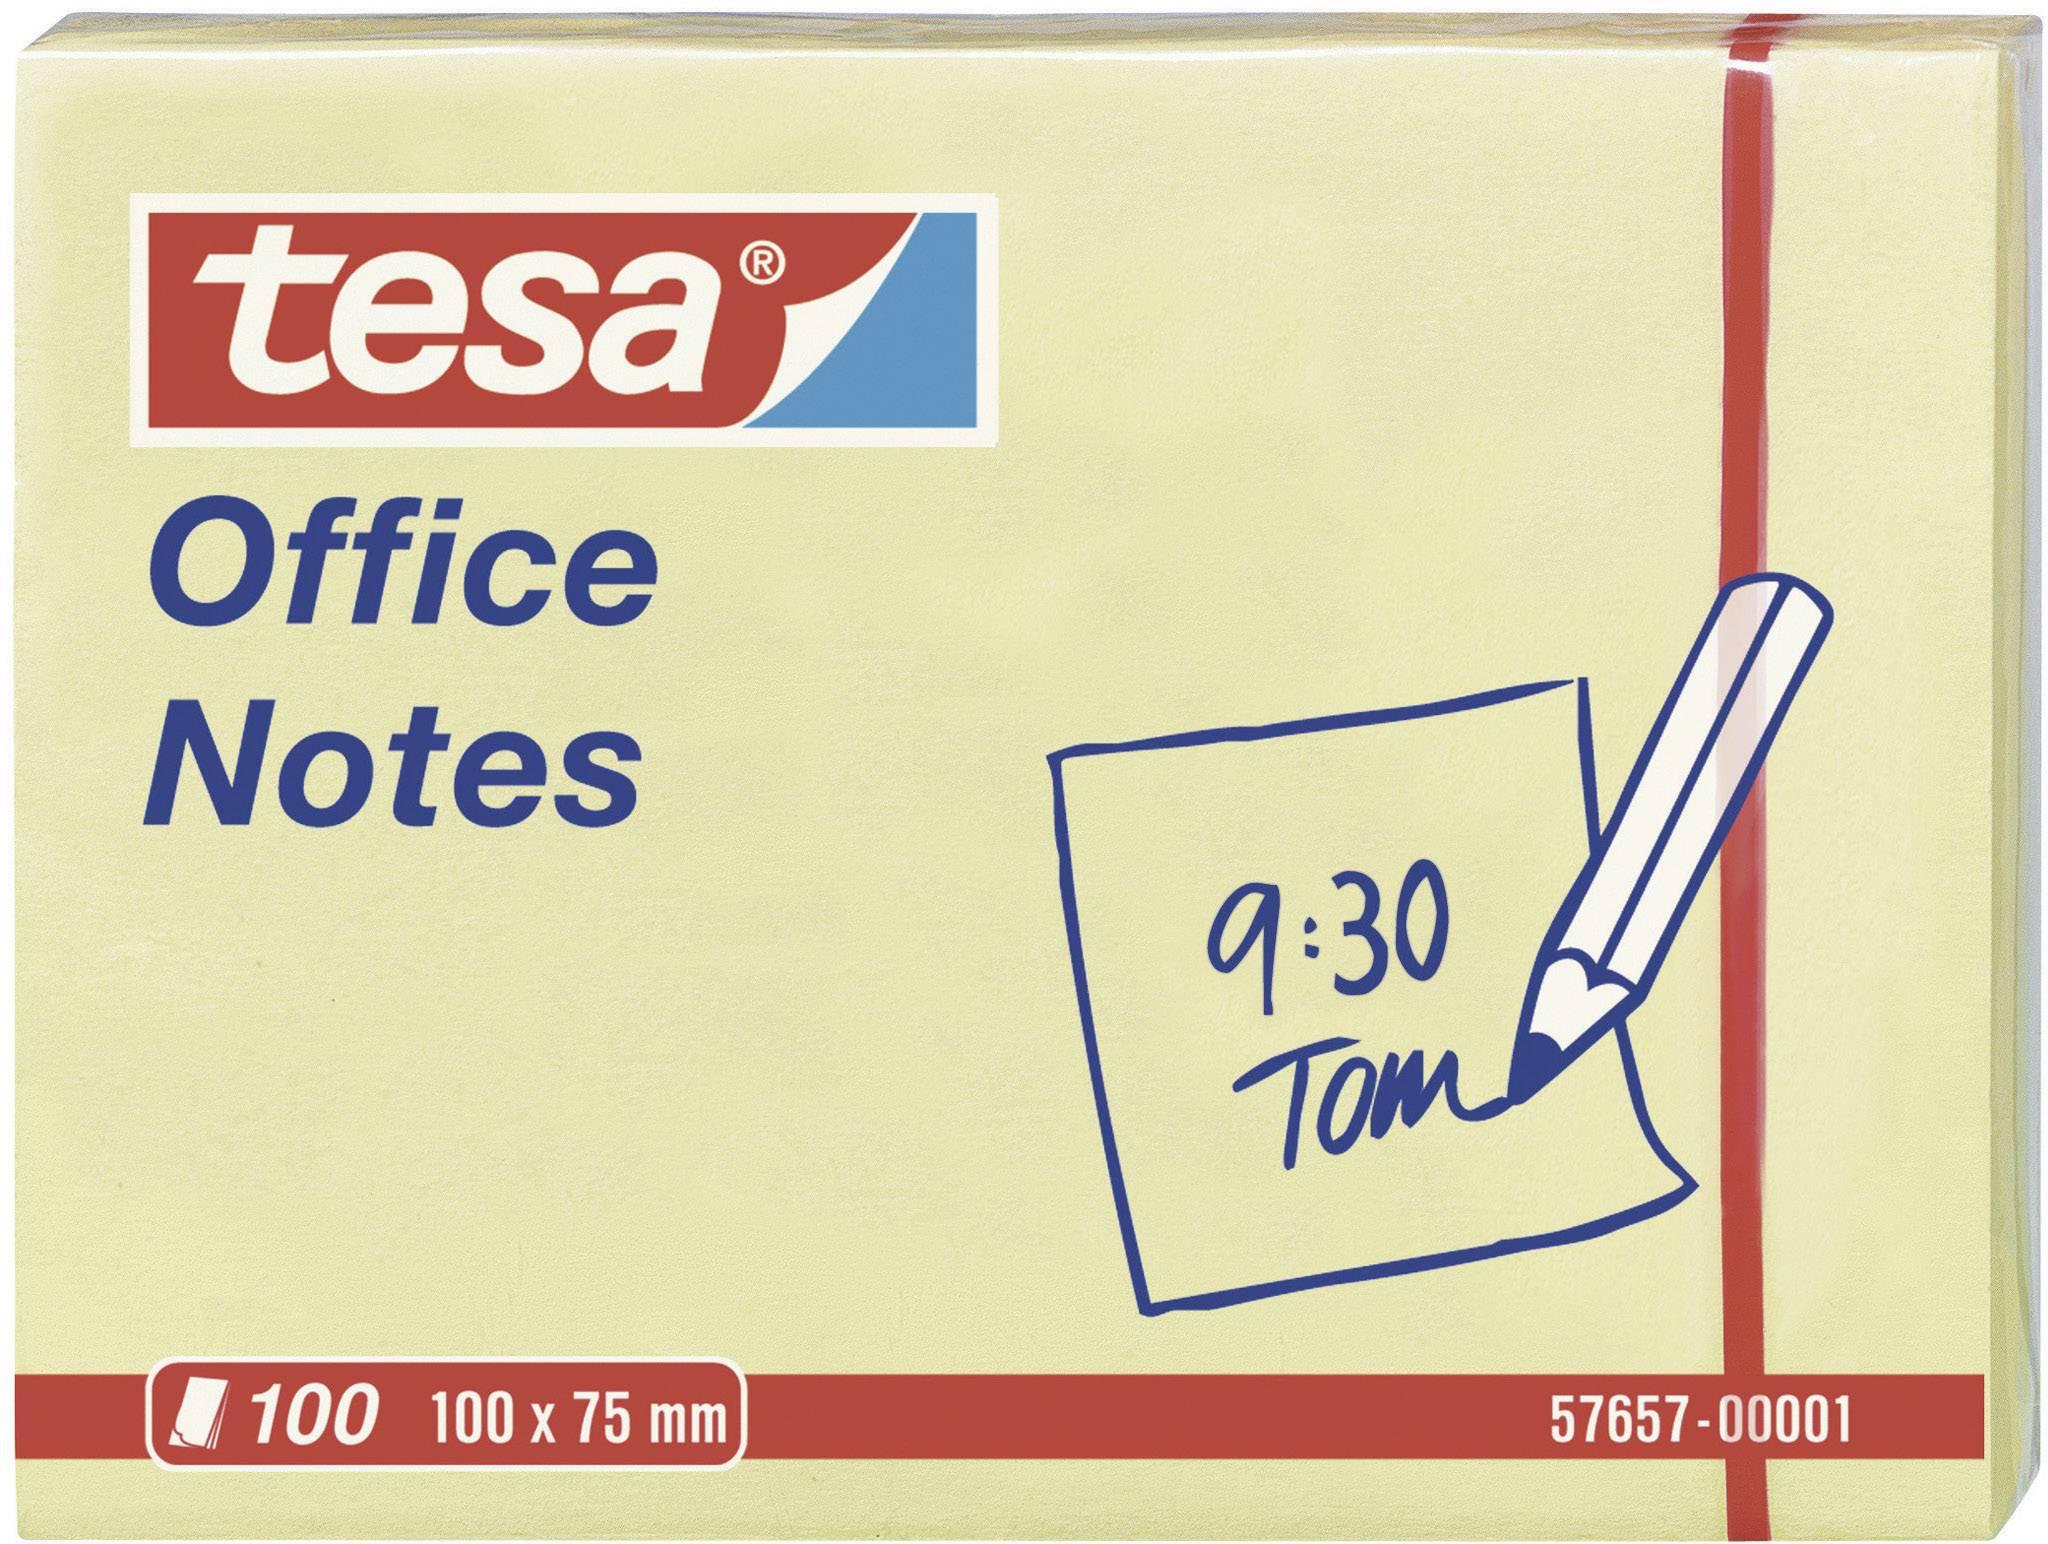 Samolepicí poznámkové bločky tesa 57657-00001, (š x v) 100 mm x 75 mm, žlutá, 100 listů